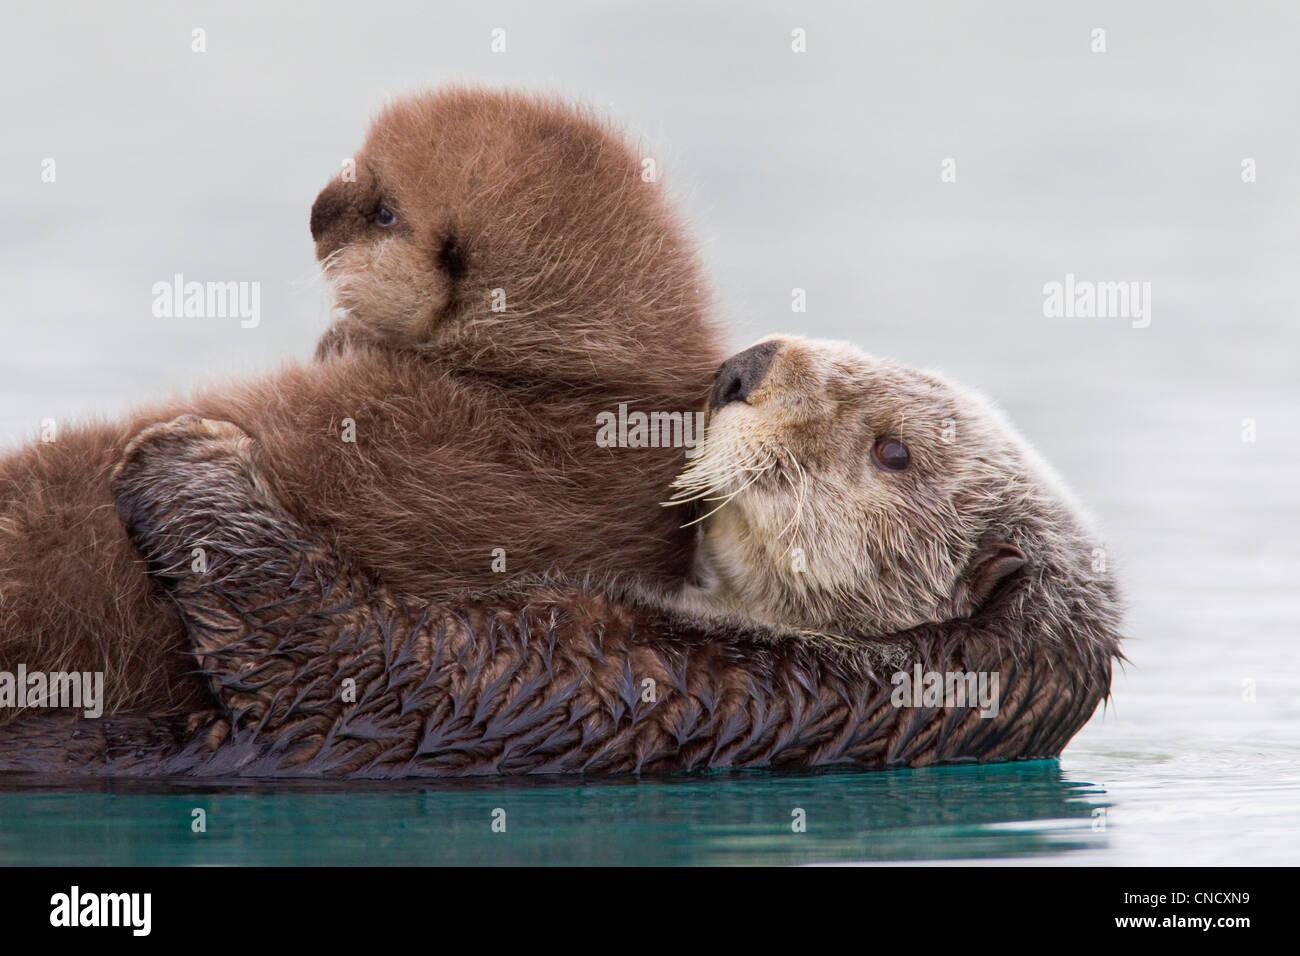 Mar fêmea lontra holding recém-pup fora de água, Prince William Sound, Southcentral Alaska, Inverno Imagens de Stock